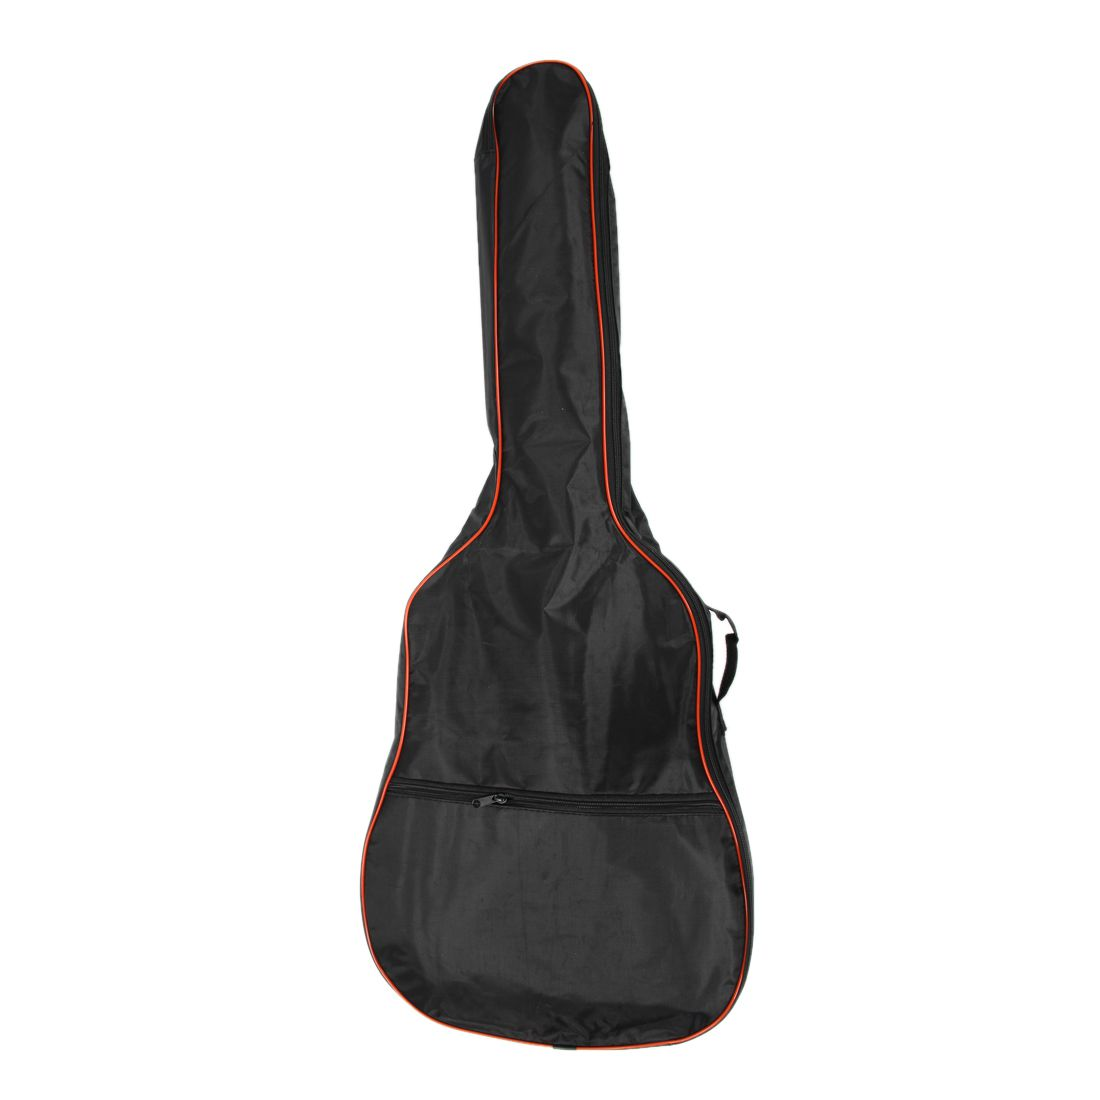 41 pouces guitare acoustique classique retour housse de transport sac 5mm bretelles41 pouces guitare acoustique classique retour housse de transport sac 5mm bretelles